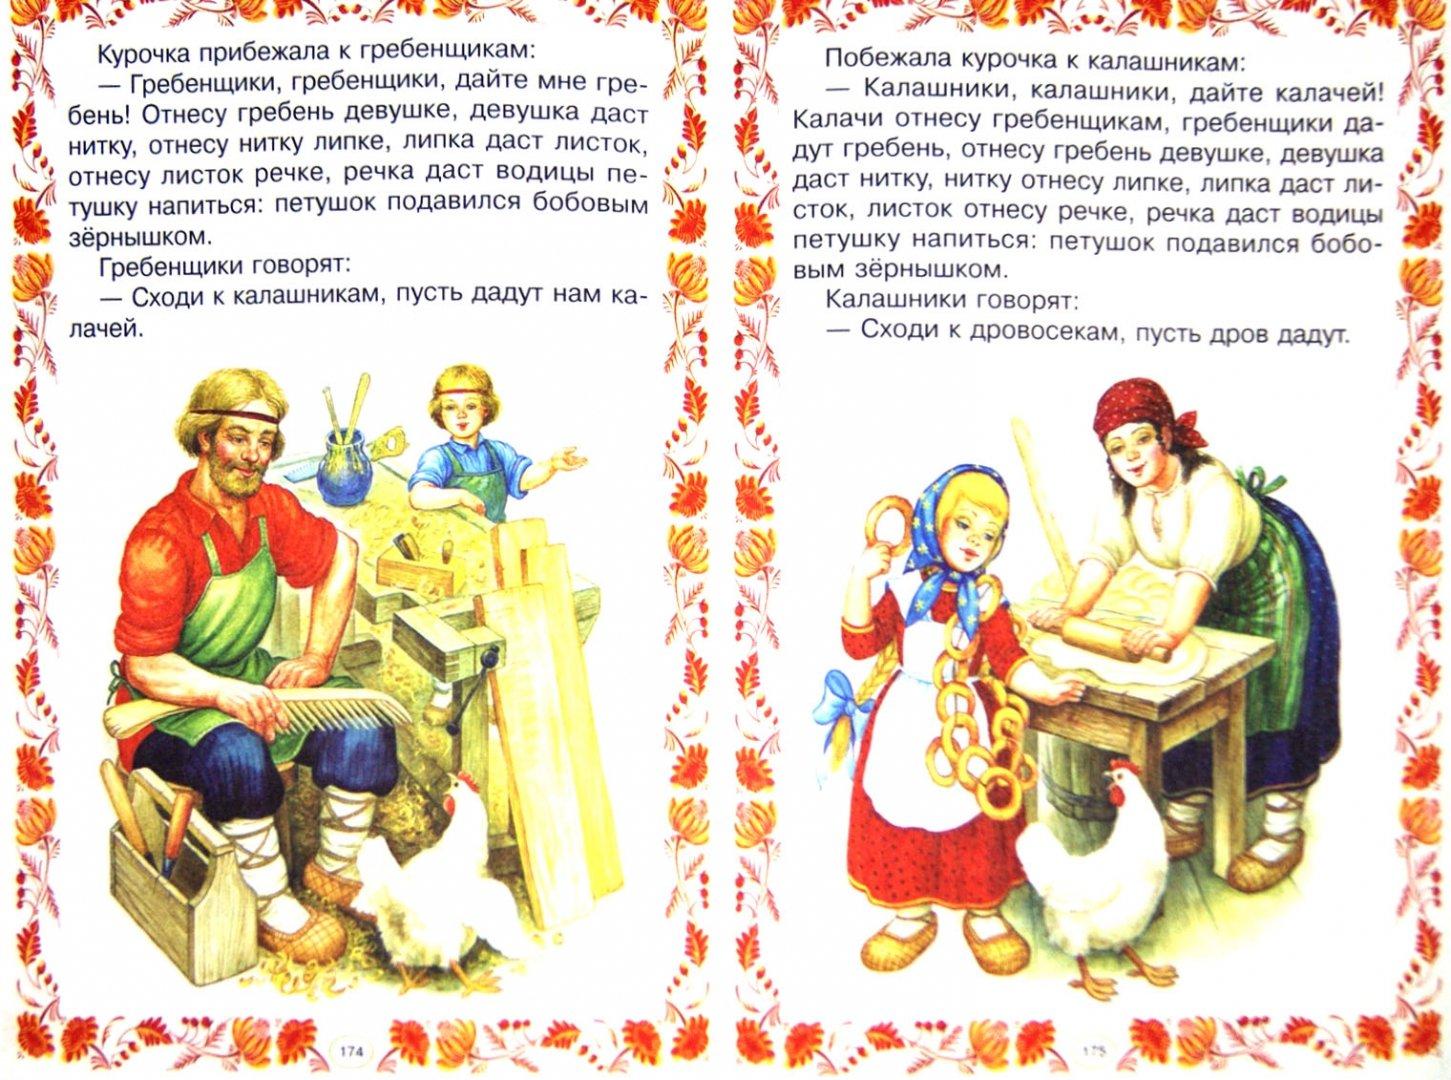 Иллюстрация 1 из 27 для Все самые лучшие русские сказки и мифы | Лабиринт - книги. Источник: Лабиринт